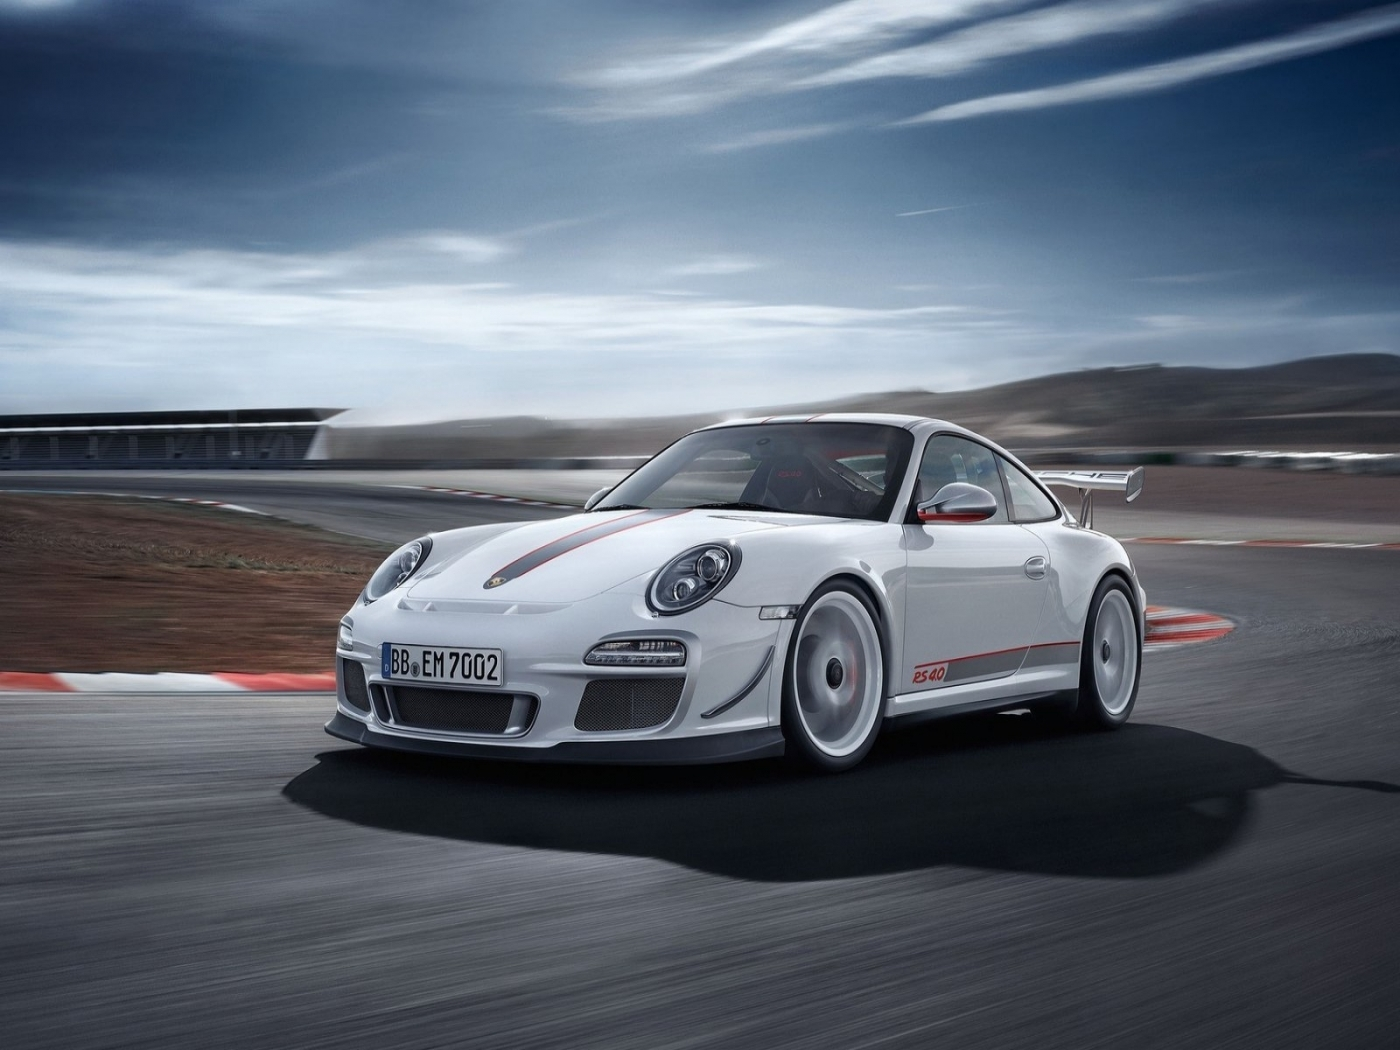 49090 скачать обои Транспорт, Машины, Порш (Porsche) - заставки и картинки бесплатно